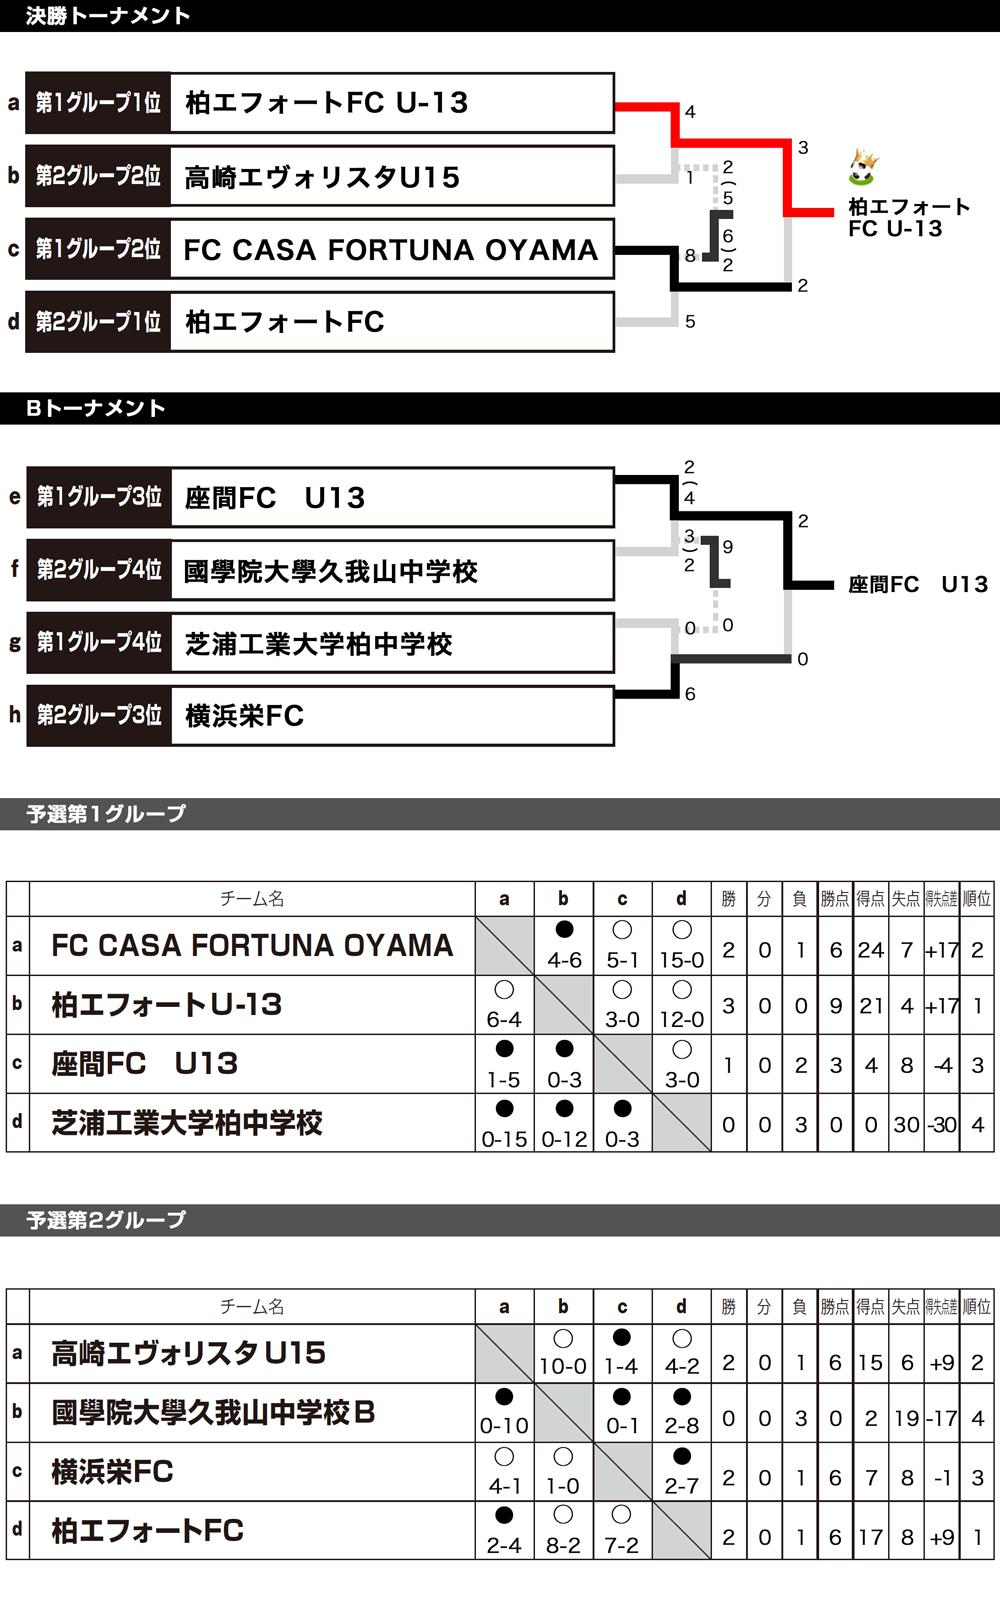 2017/8/4(金)~6(日) 2泊3日 Jr.Youth FESTA SUMMER ステージ1 草津温泉CUP U13 トーナメント表